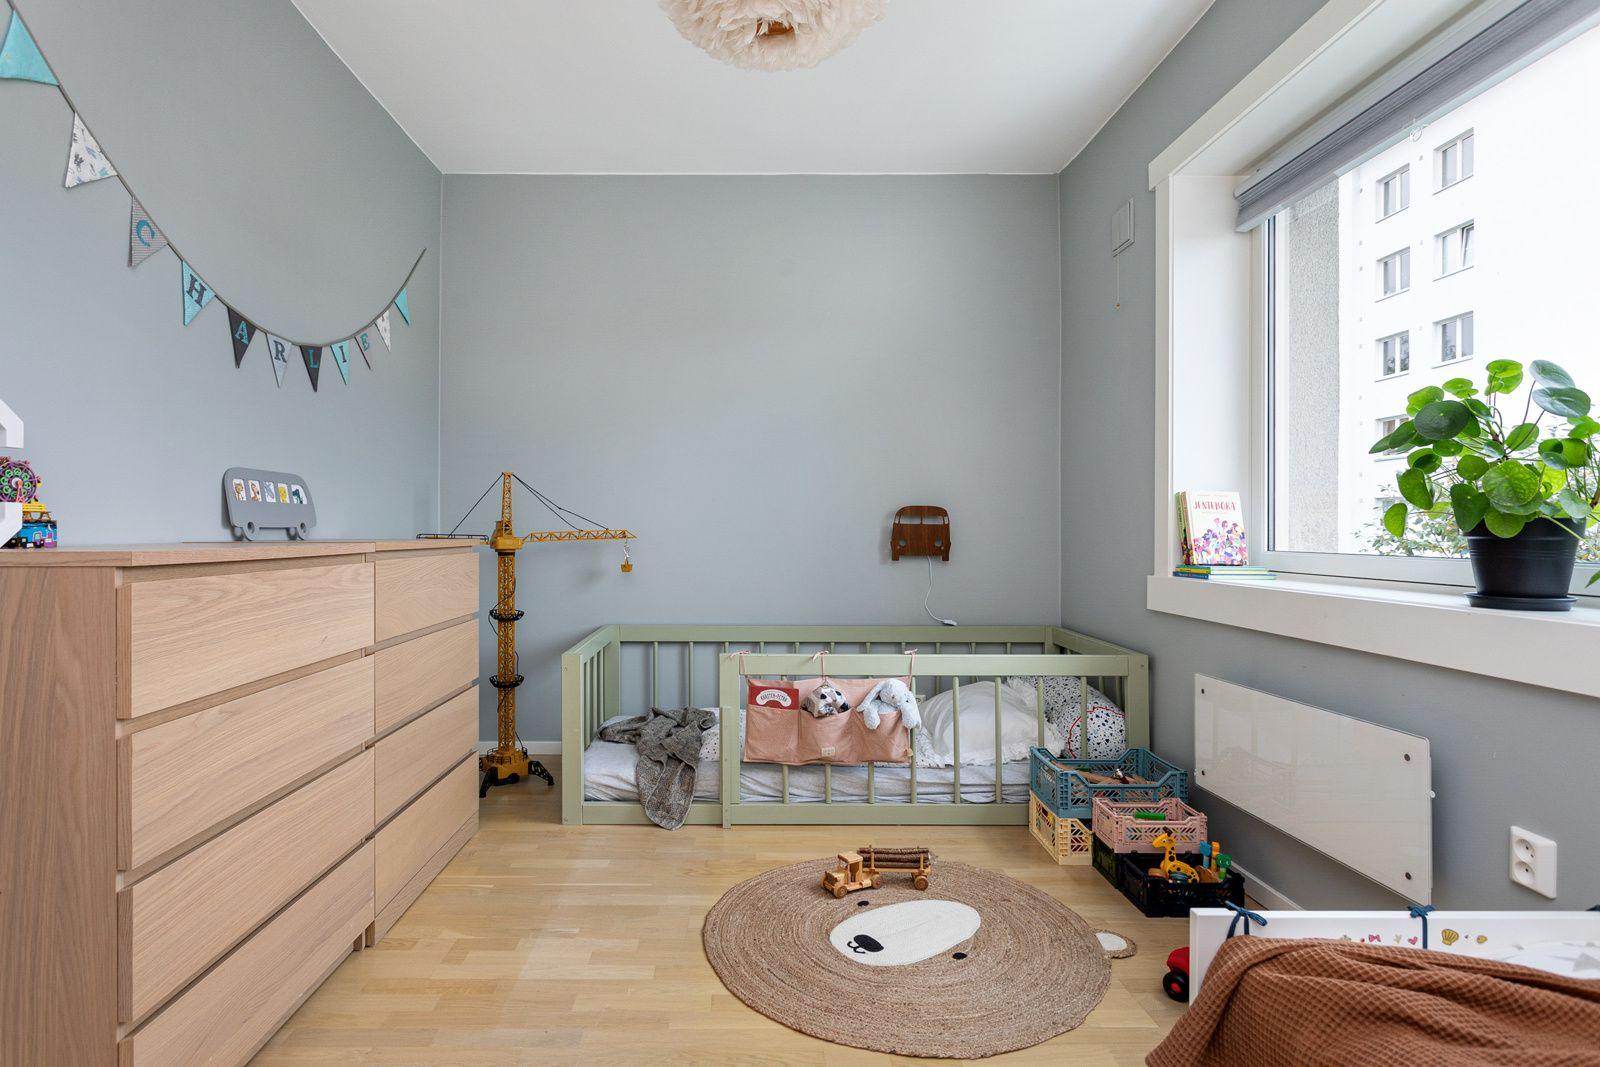 Ålesundgata 3 B Soverommet er romslig med god plass til dobbeltseng, kontorpult og garderobeløsninger etter eget ønske og behov.